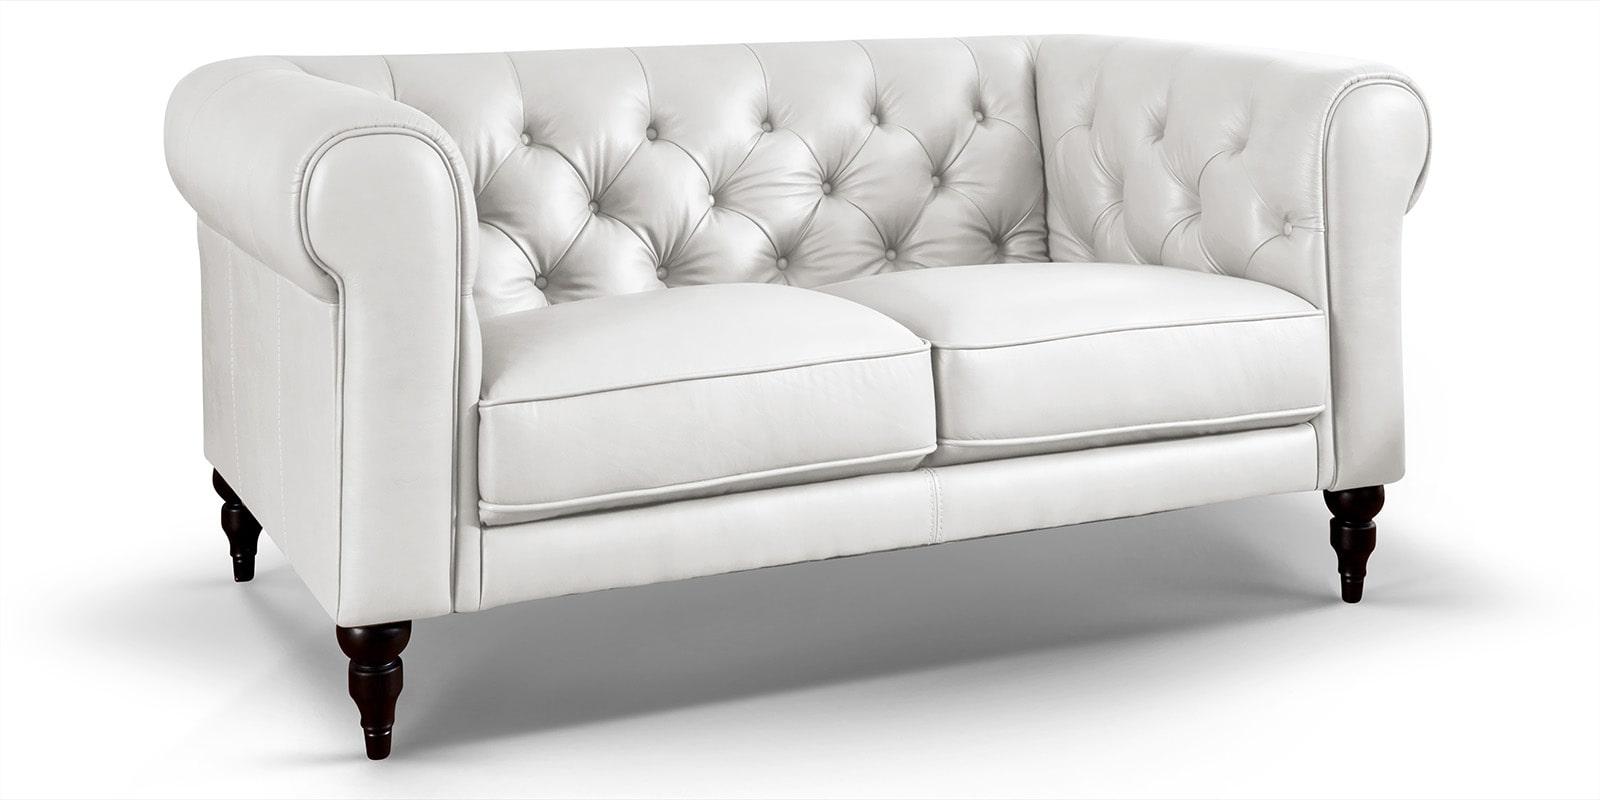 Moebella24 - 2-Sitzer - Sofa - Hudson - Chesterfield - Leder - Weiß - Dekorative - Nähte - und - Versteppungen - Barock-Design - Füße - Detailaufnahme